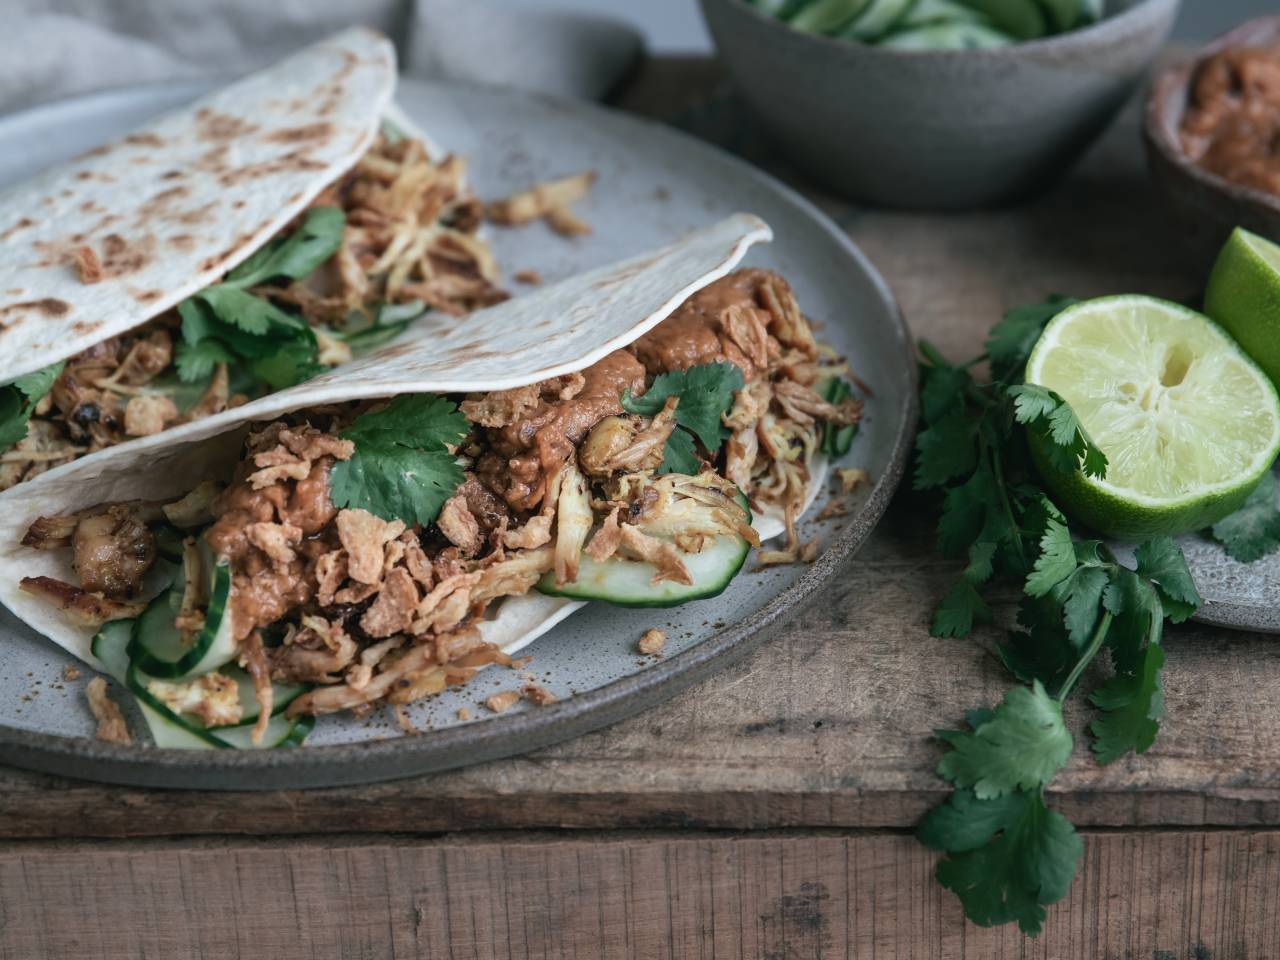 Wraps met pulled chicken. Probeer deze kipsaté marinade, succes verzekerd. Kipsate recepten met wraps en zoetzure komkommer.